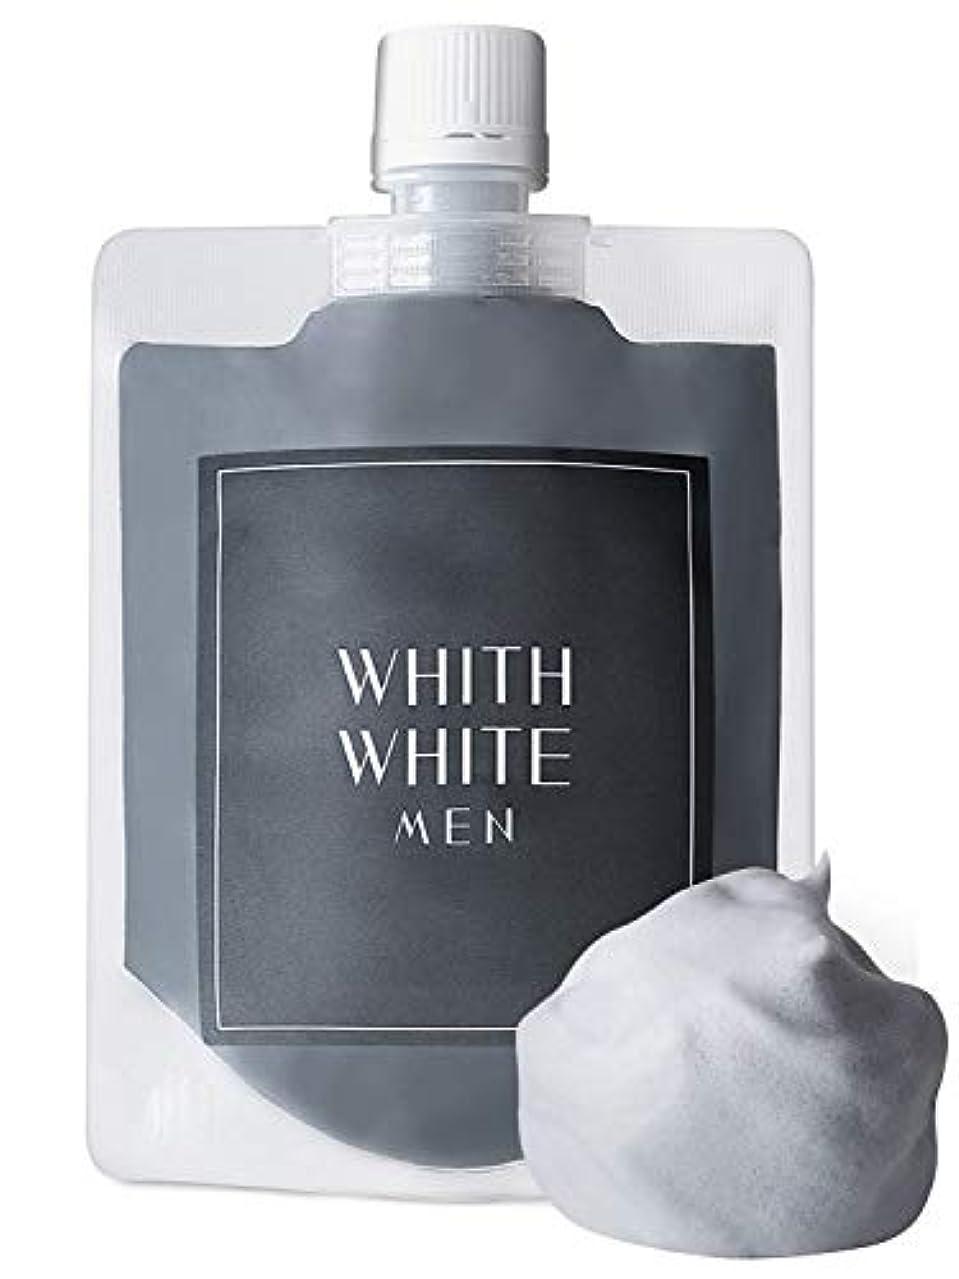 背景ブレンド鋭くフィス ホワイト メンズ 泥 洗顔 ネット 付き 8つの 無添加 洗顔フォーム (炭 泡 クレイ で 顔 汚れ を 落とす) (日本製 洗顔料 130g リッチ セット)(どろ で 毛穴 を ごっそり 除去)